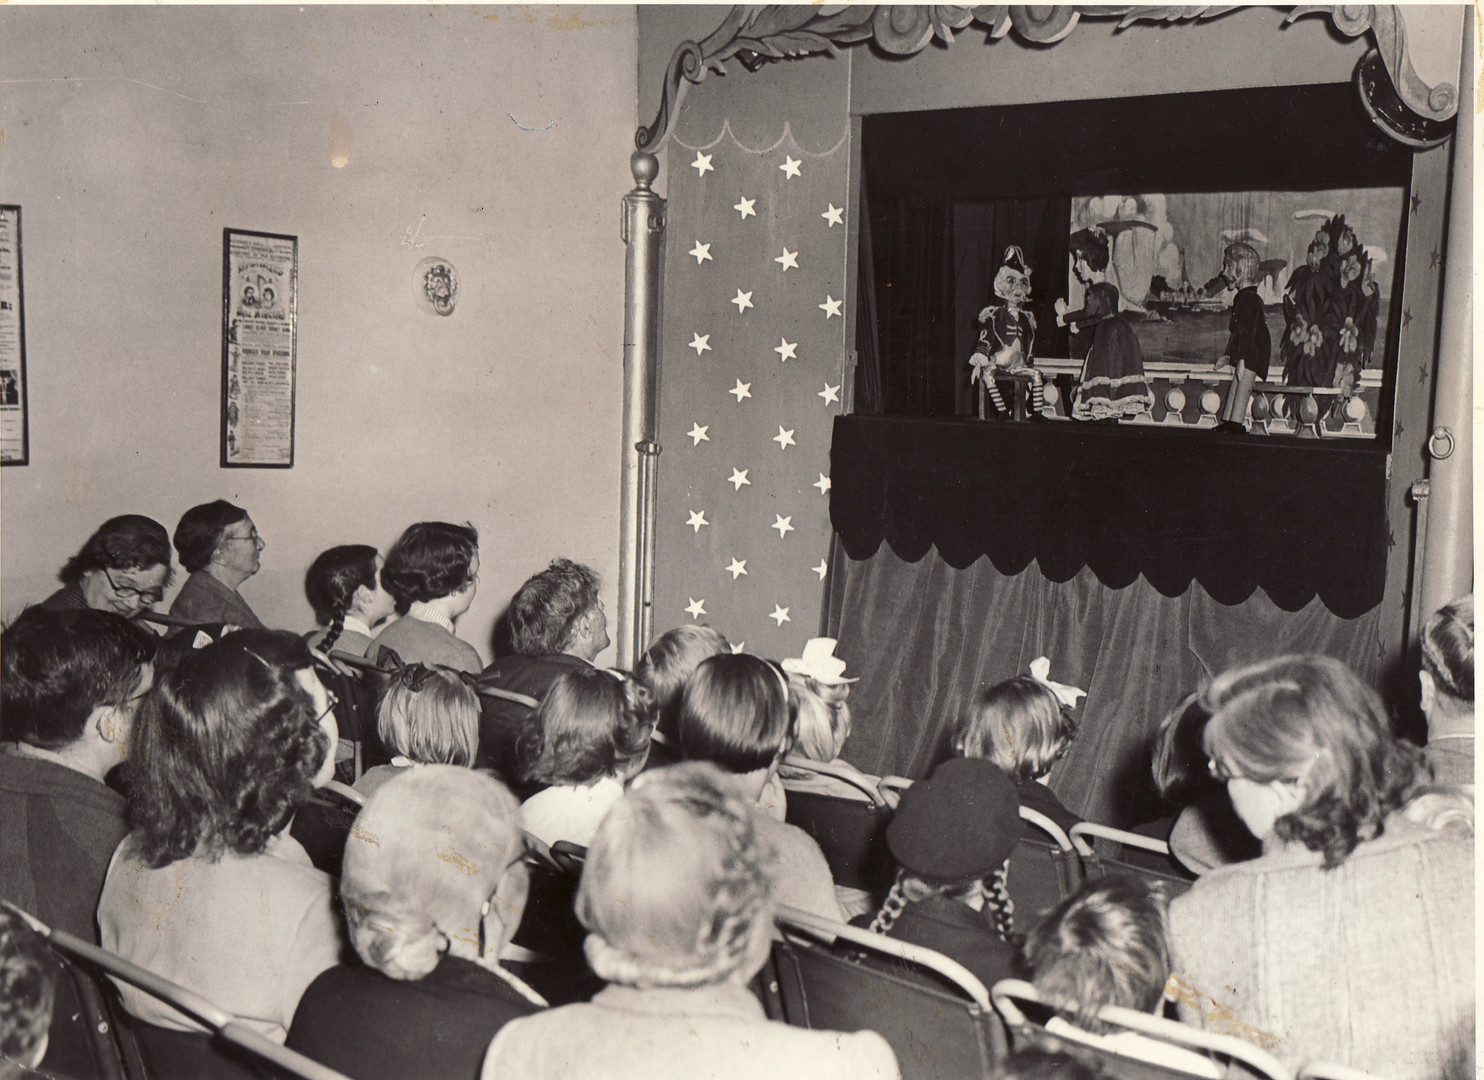 Belgrave Mews 1952.jpg